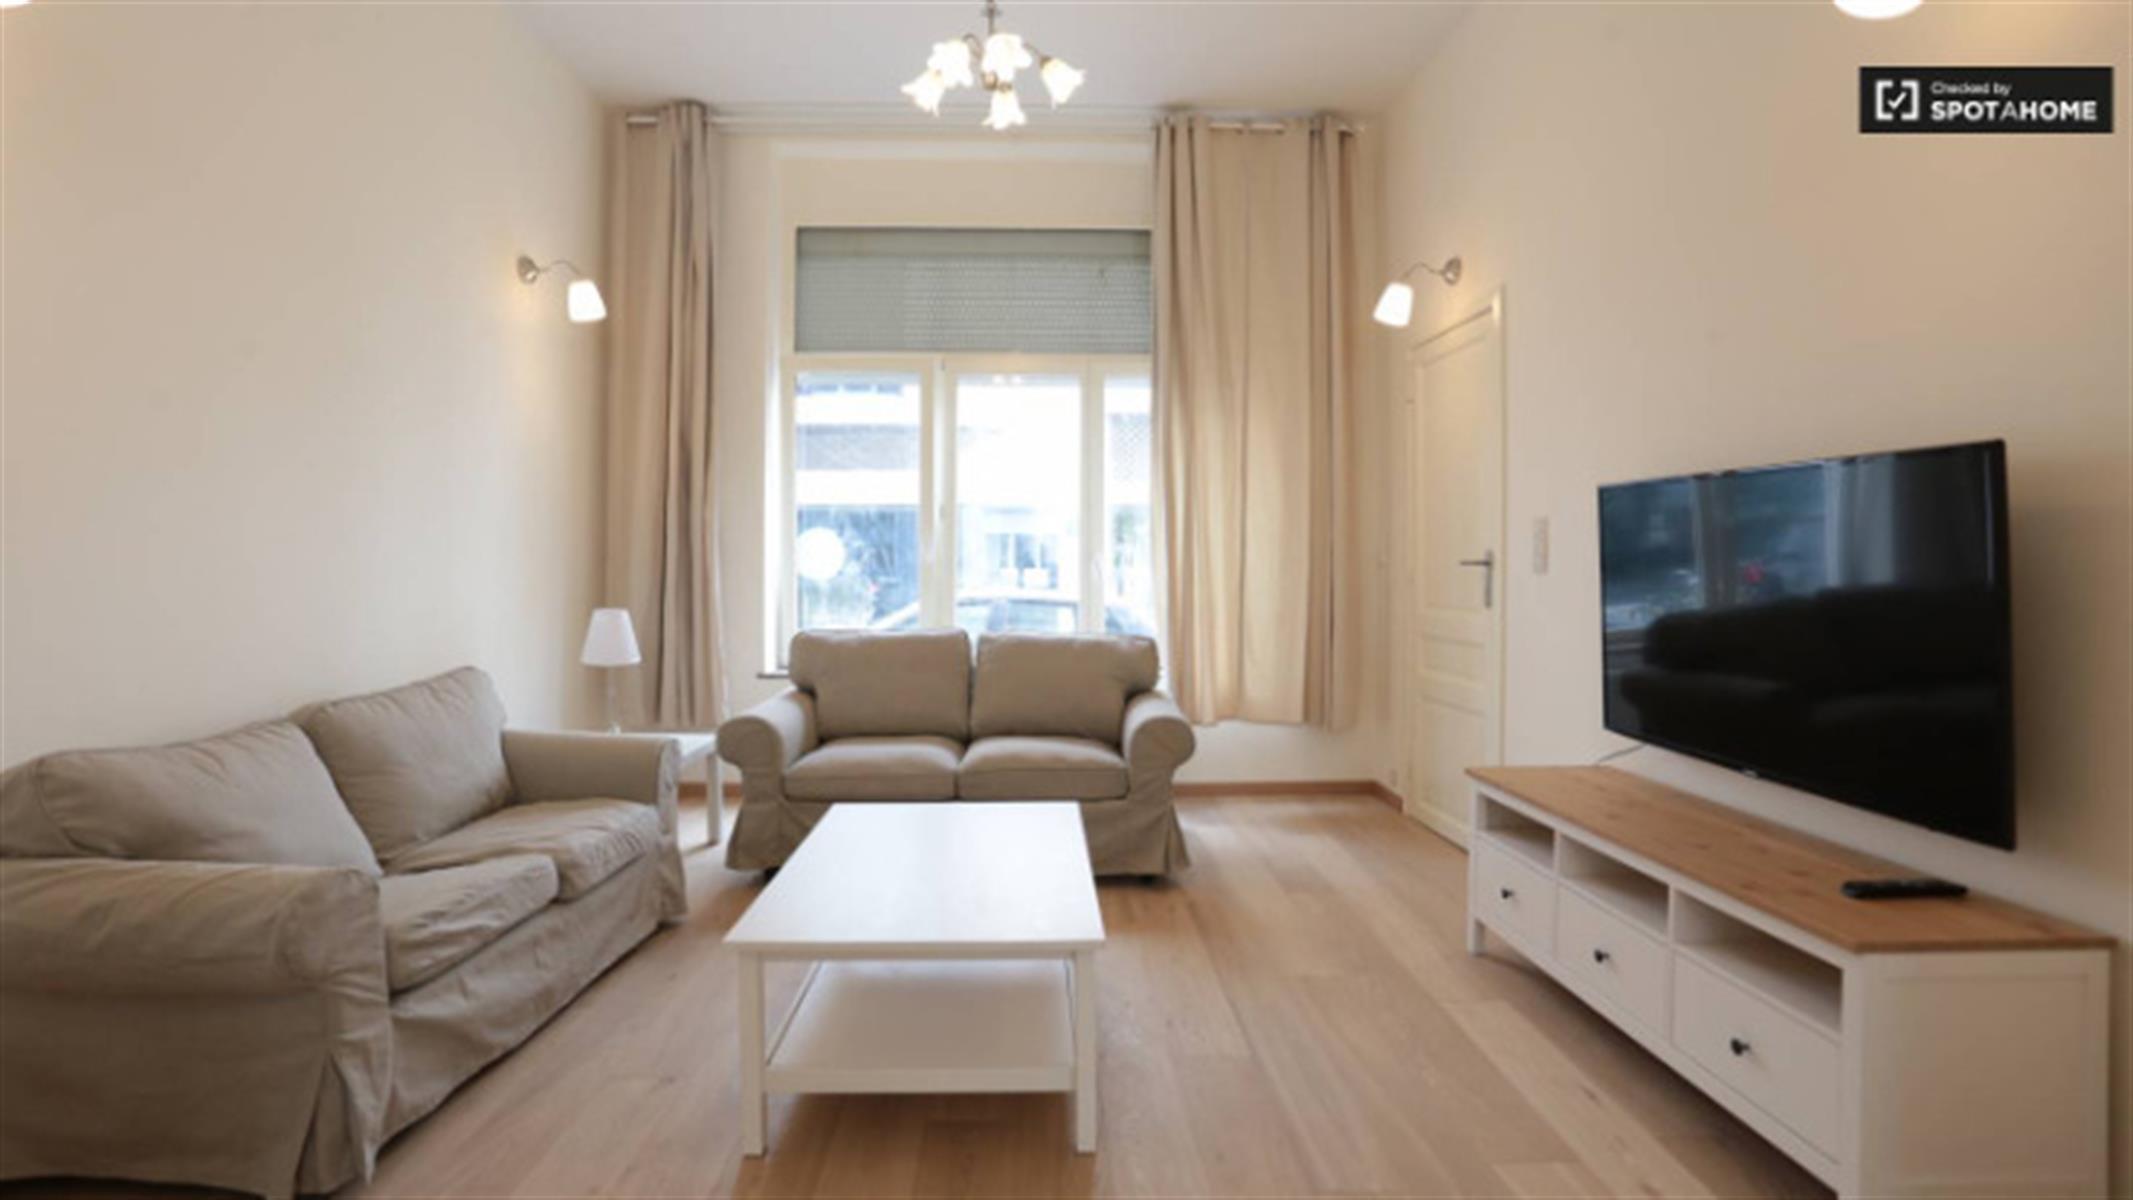 Duplex - Ixelles - #4150164-0